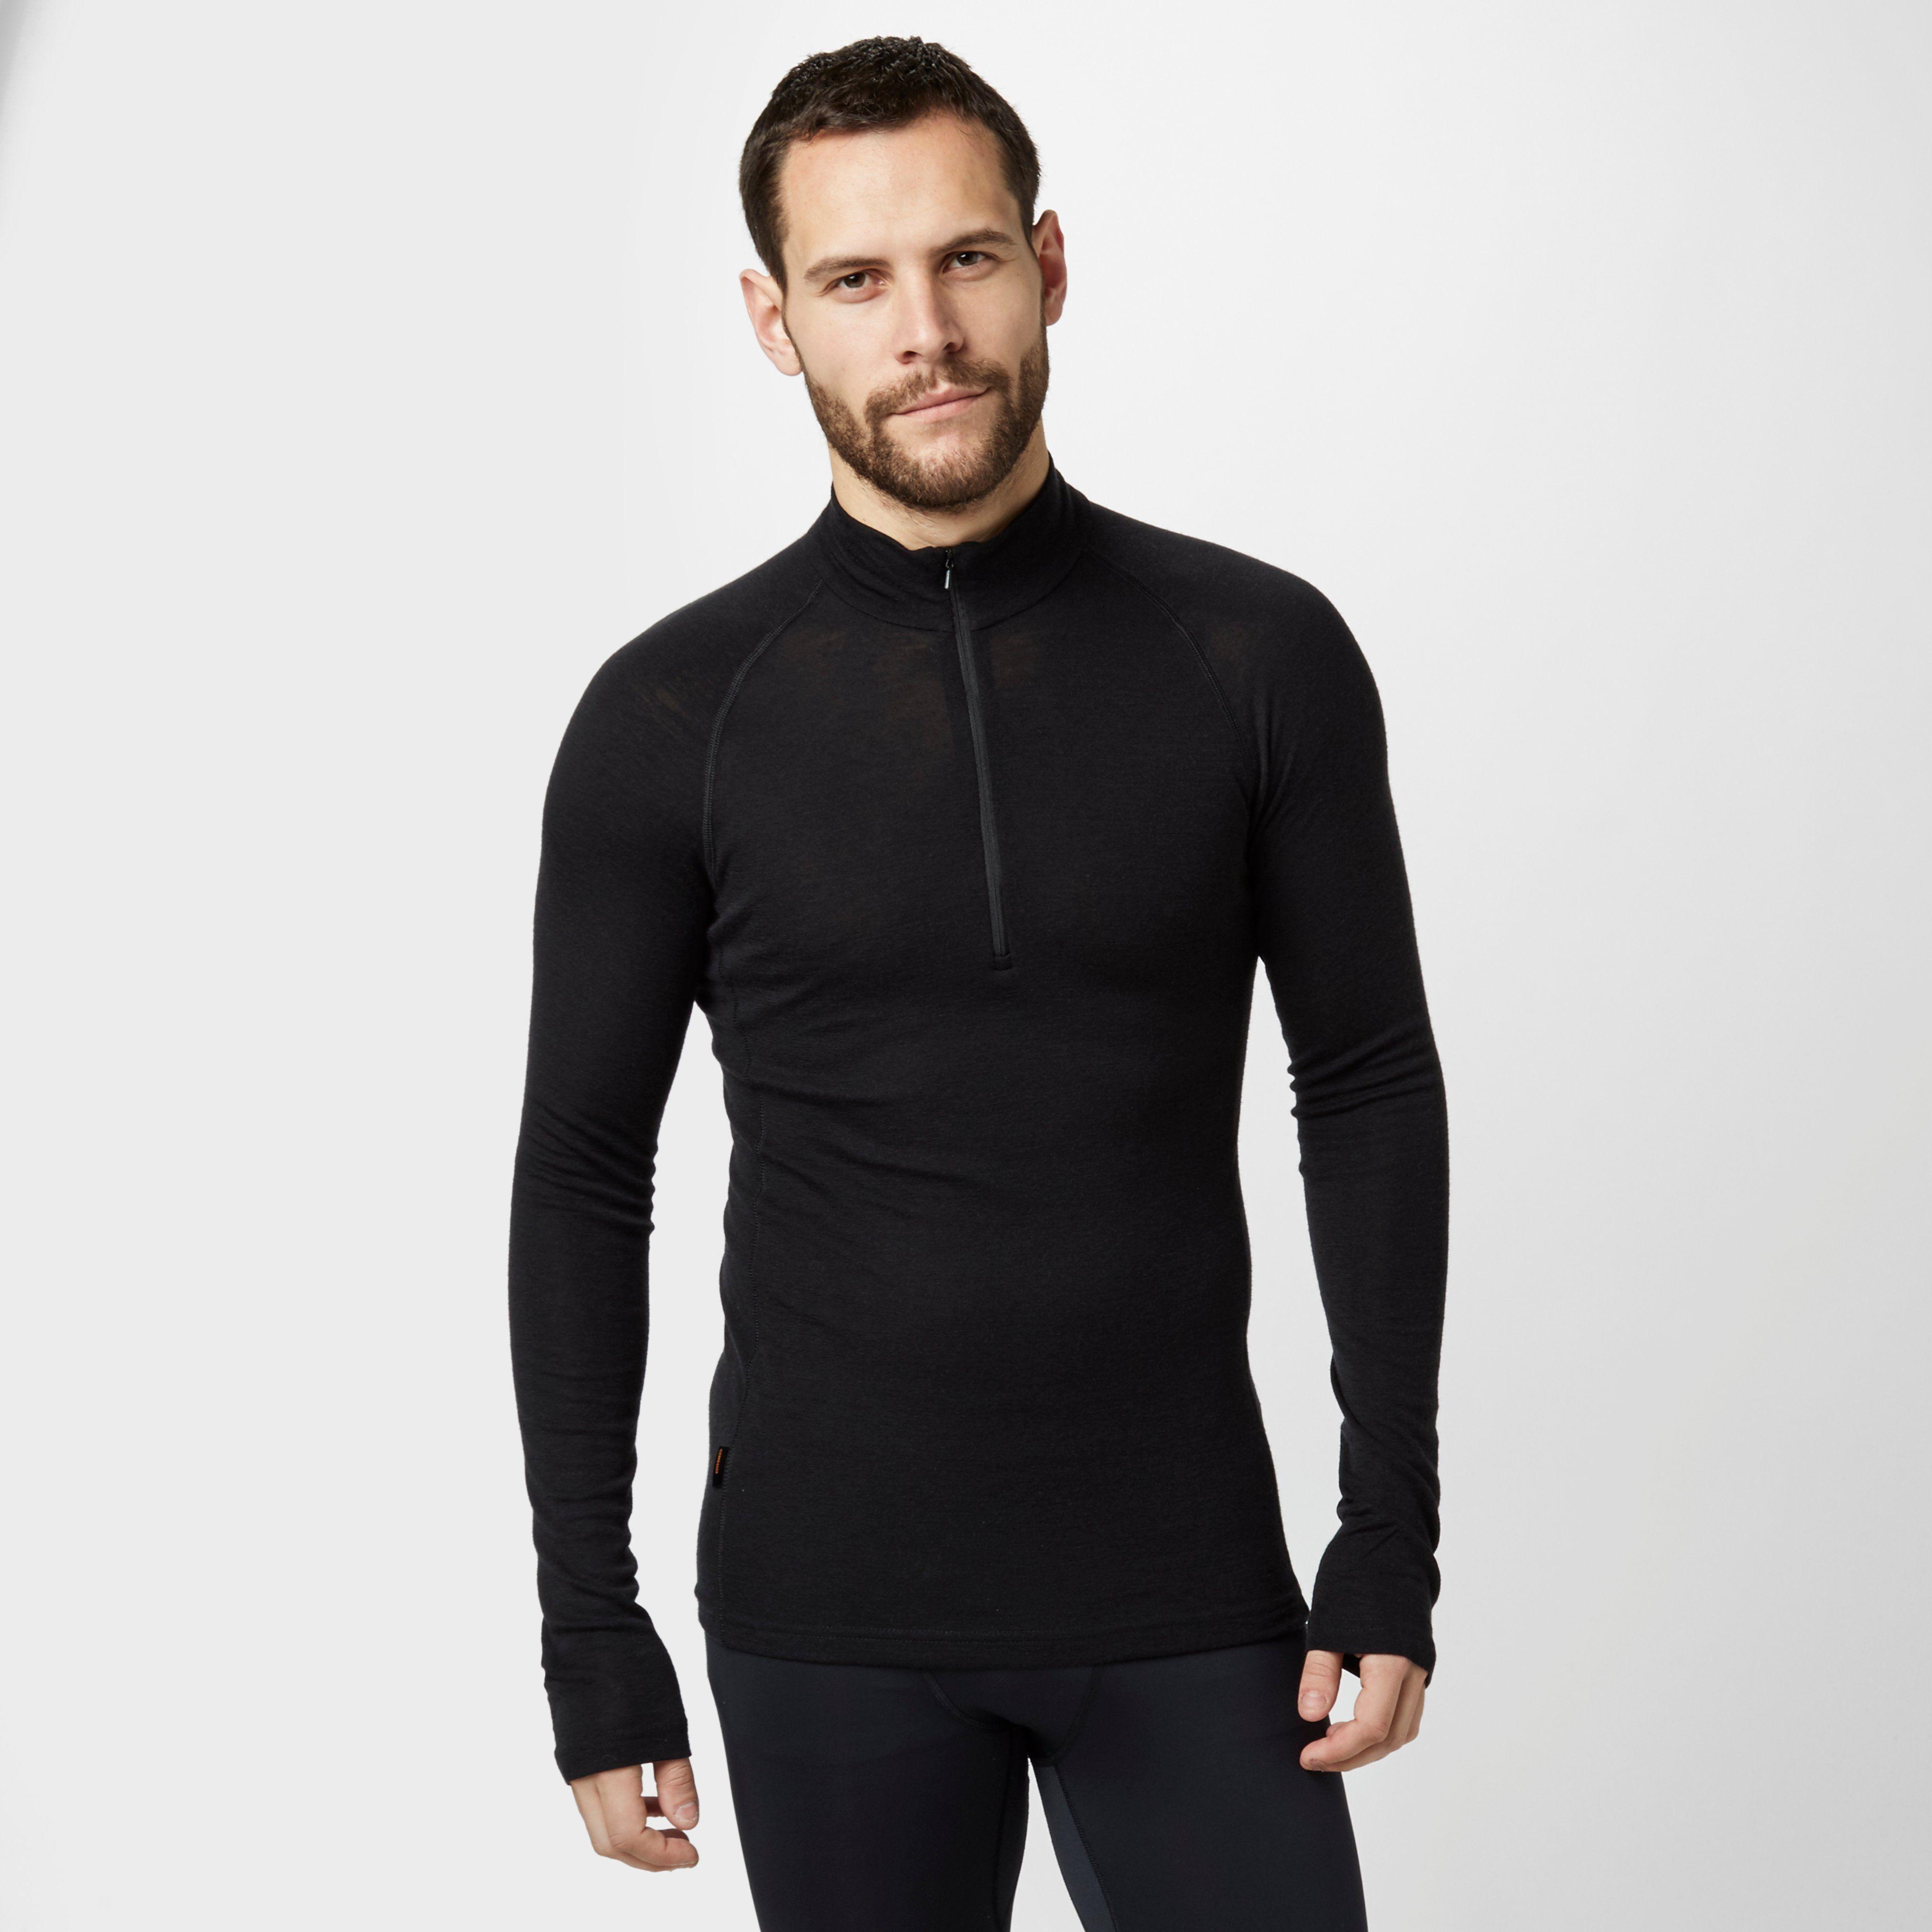 ICEBREAKER Men's Everyday Long Sleeve Half-Zip Baselayer